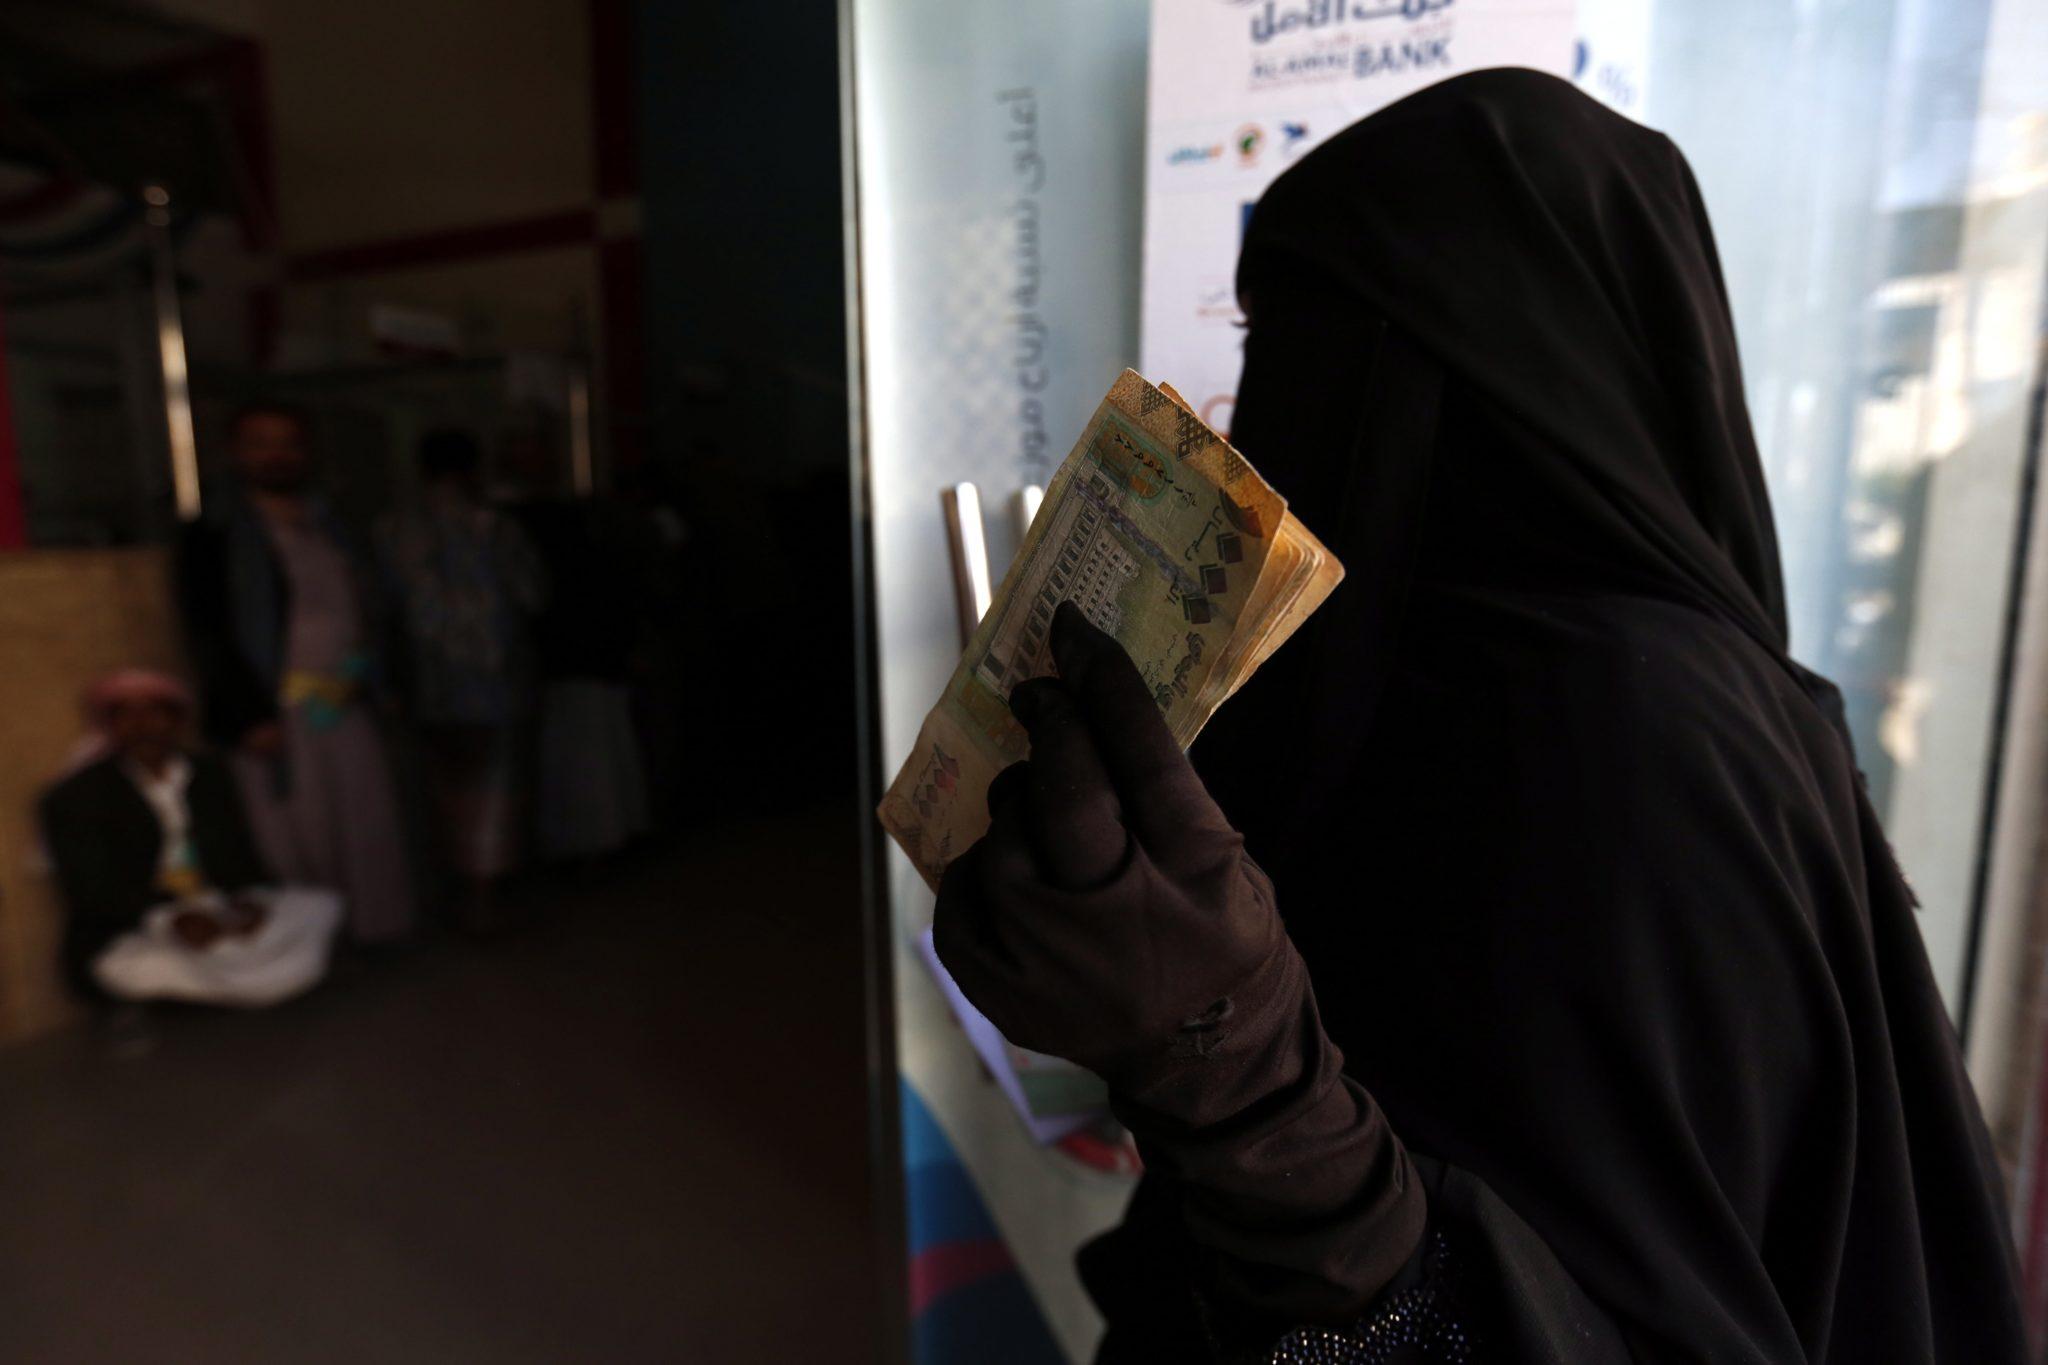 Jemeńska kobieta z najuboższych rodzin dotkniętych konfliktem otrzymuje pomoc UNICEFu, fot. Yahya Arhab, PAP/EPA